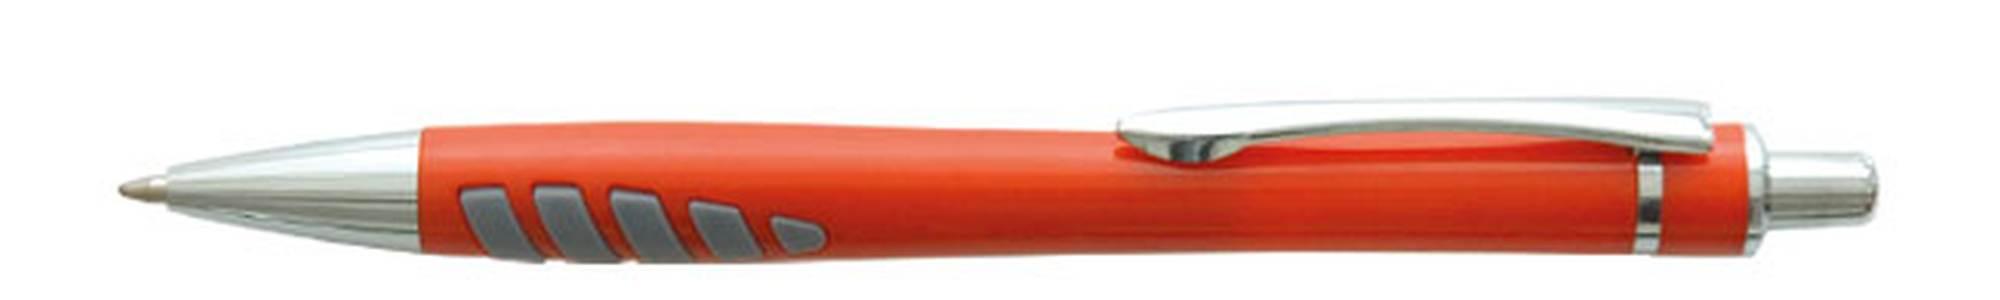 Długopis reklamowy plastikowy – DIUNA